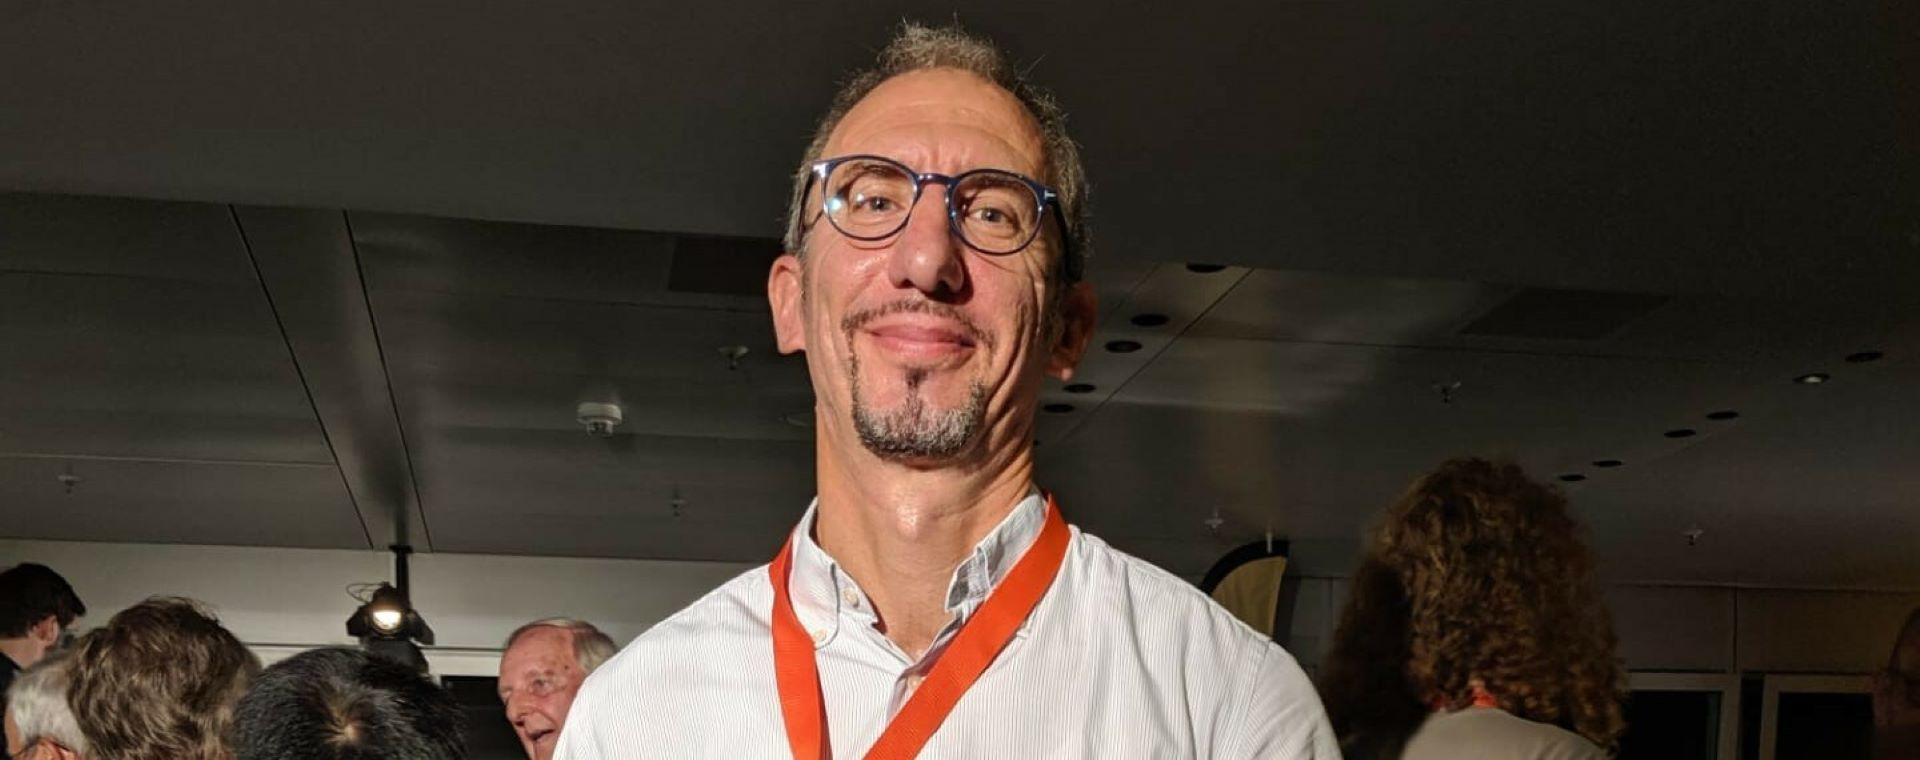 Va a Enrico Allaria del Free Electron Laser FERMI di Trieste il FEL Prize 2019